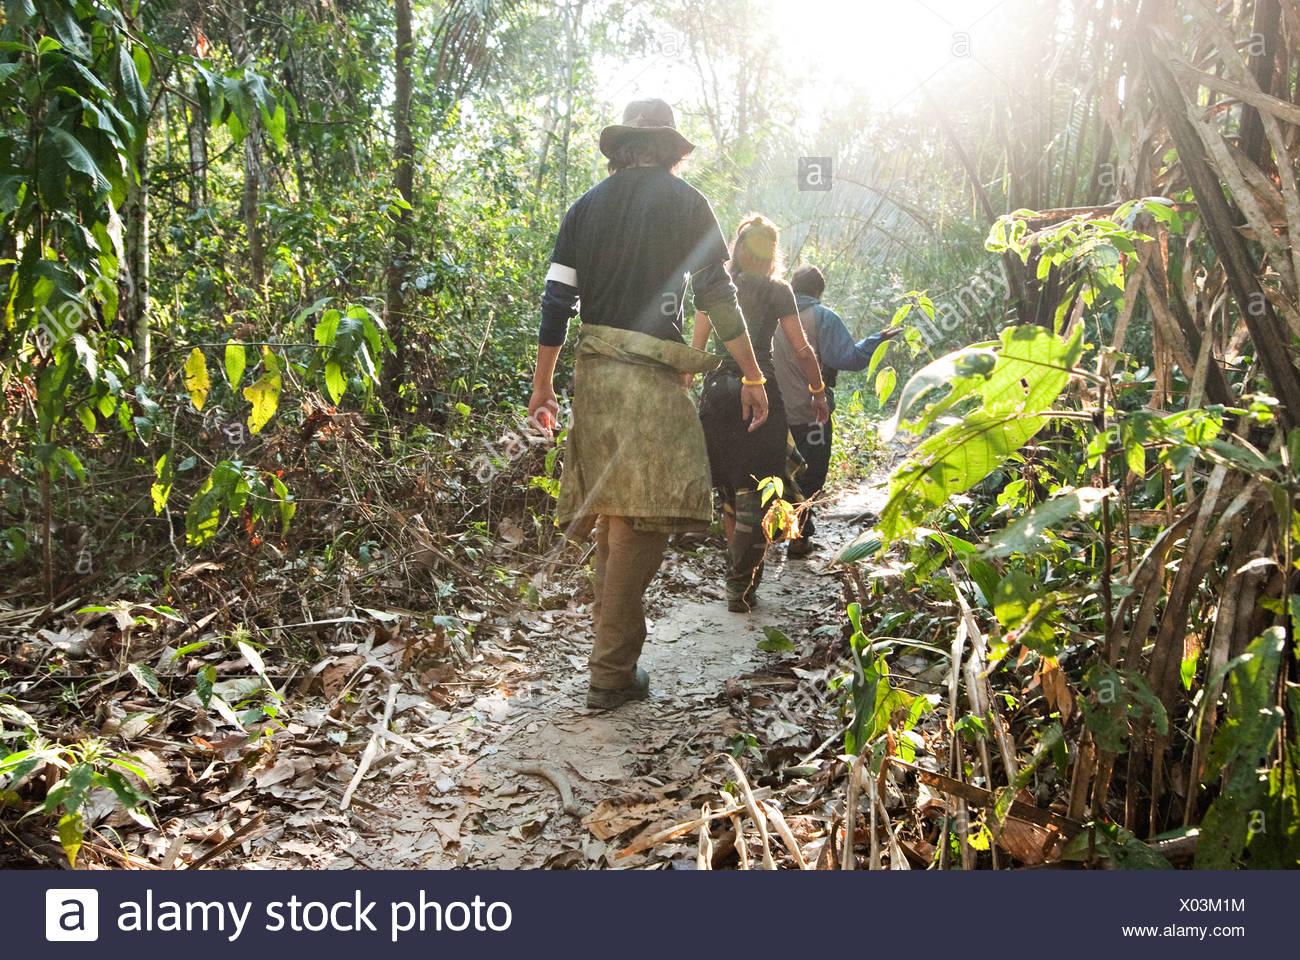 Un homme et une femme marche à travers la forêt amazonienne au milieu matin. Photo Stock